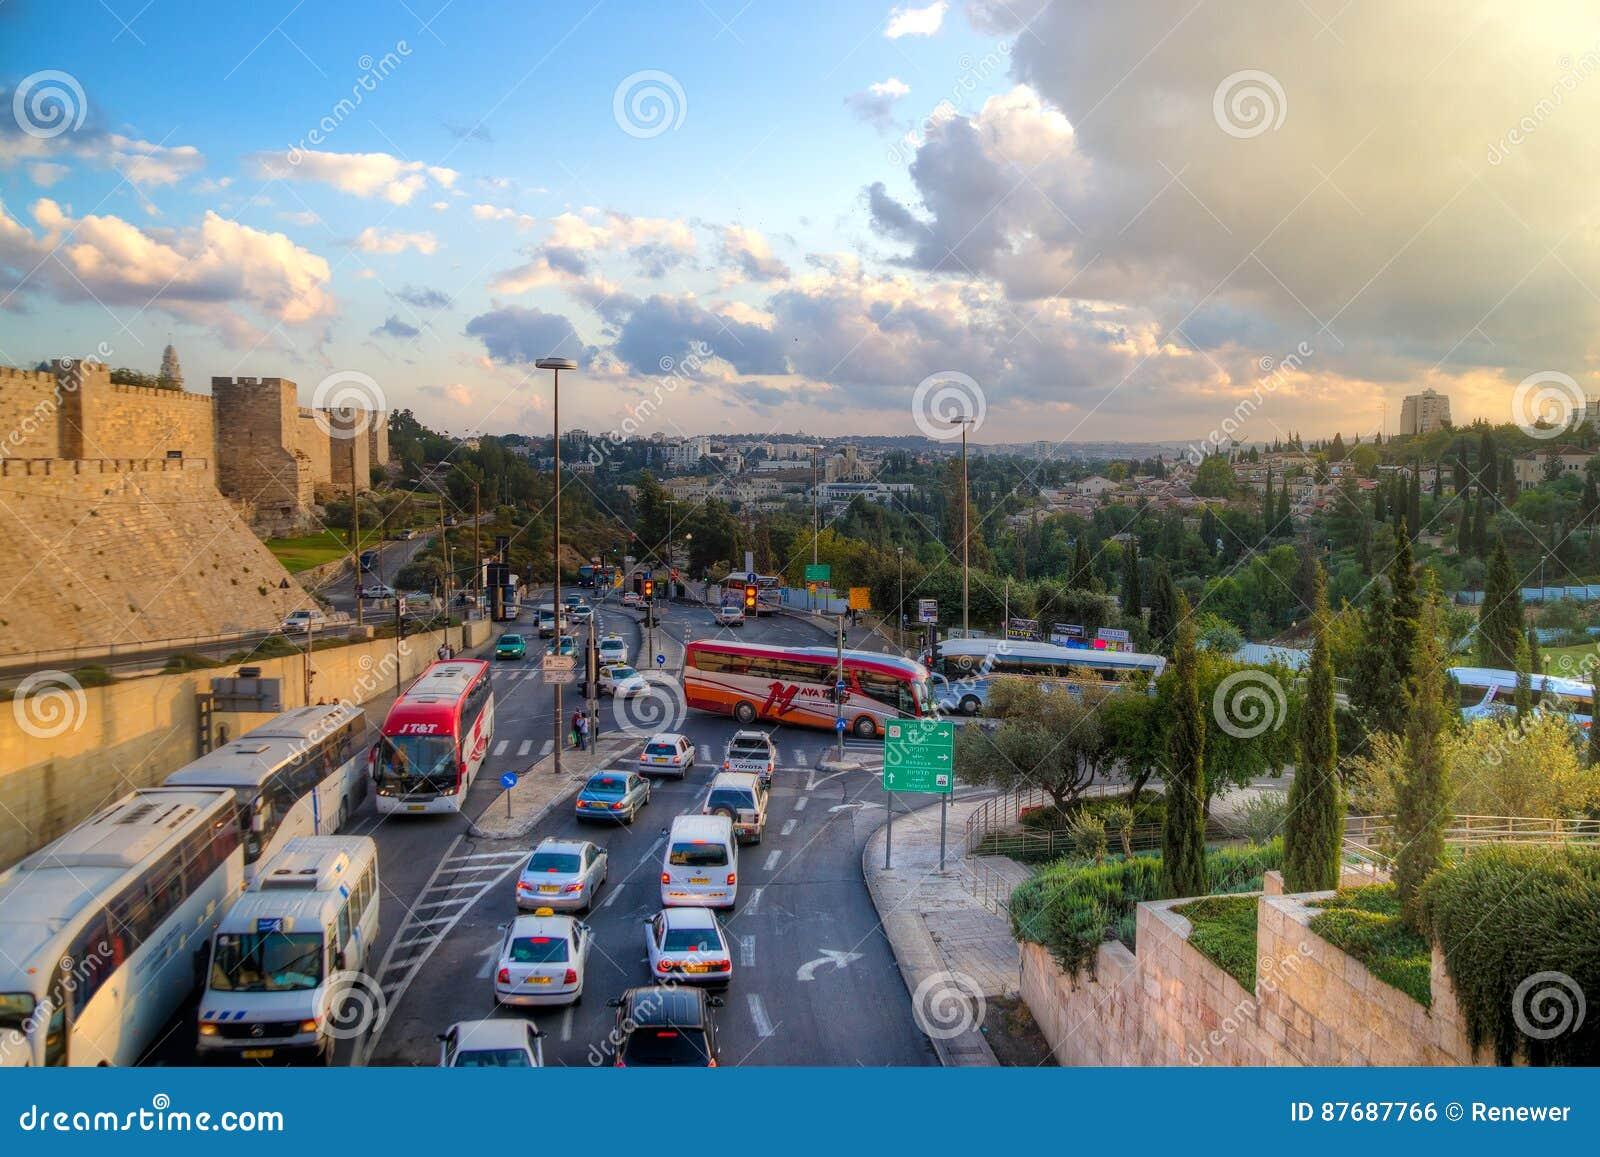 Jerusalem on a map - Jerusalem on the map (Israel)   Cities Surrounding Jerusalem